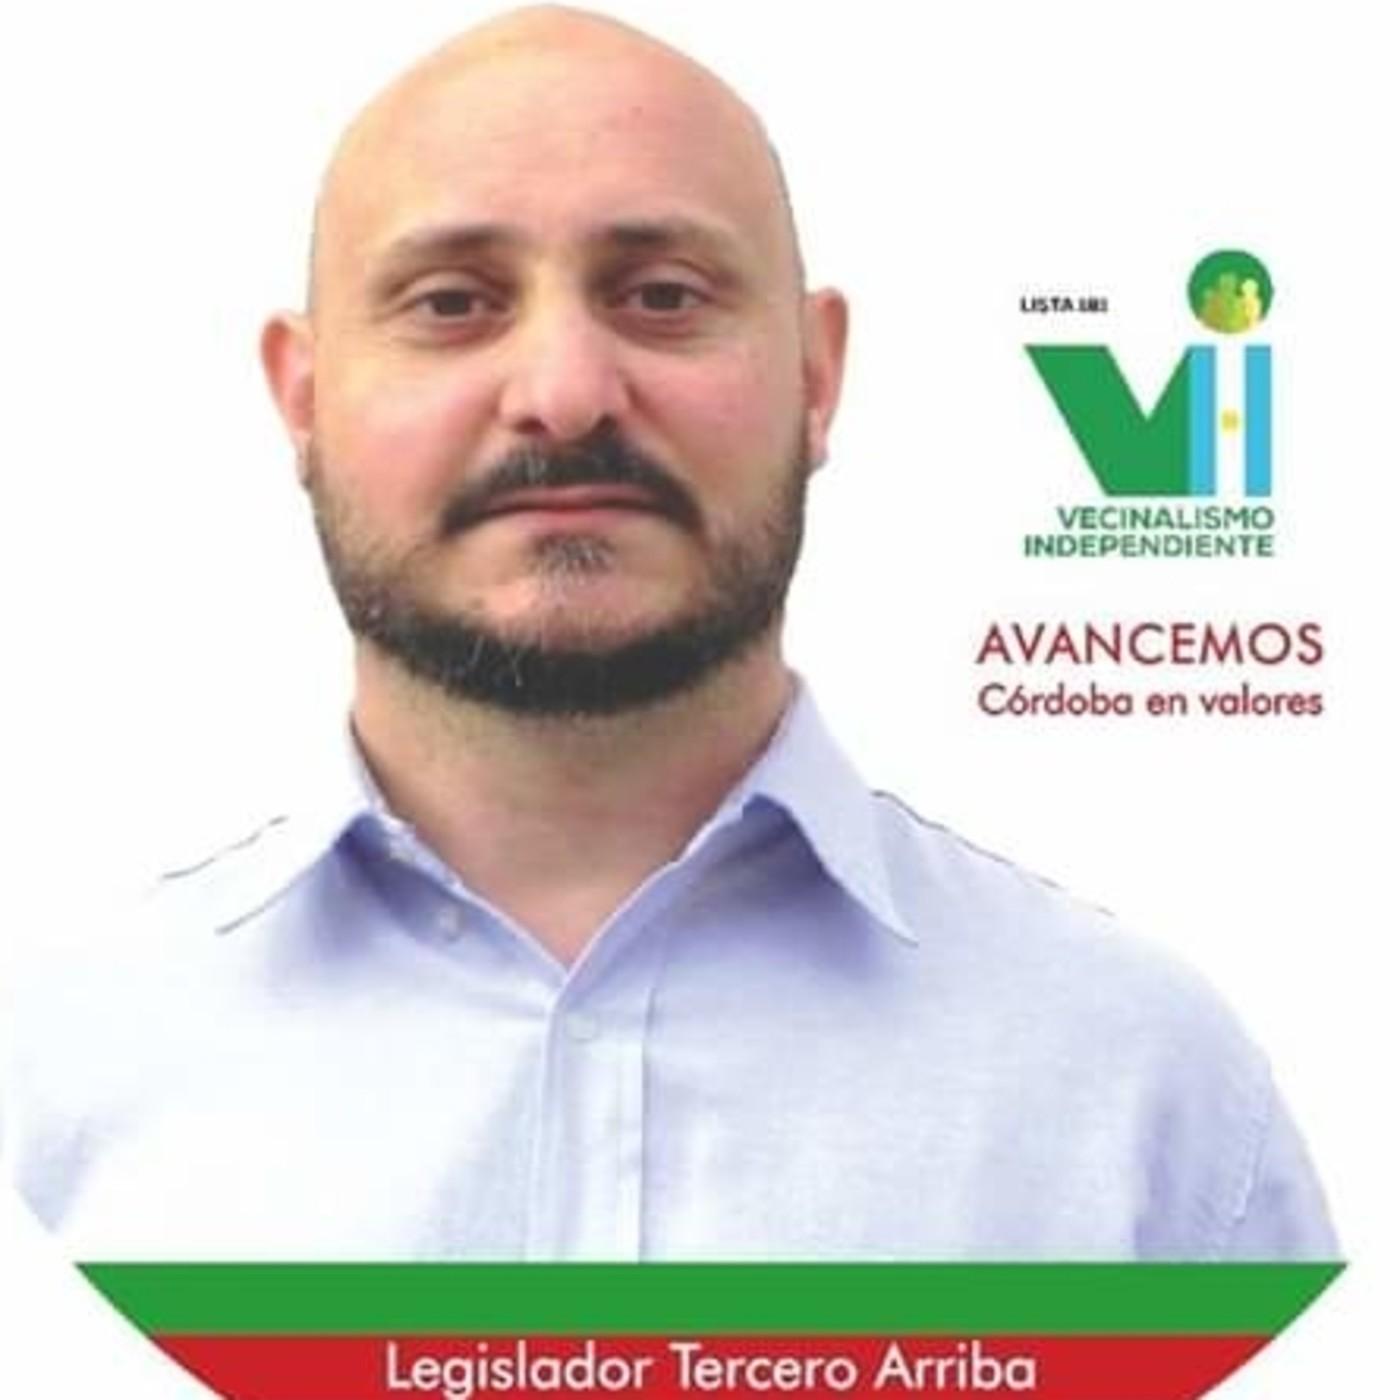 Pedro Figueroa, candidato a Legislador por Vecinalismo Independiente- el Depto. Tercero Arriba.